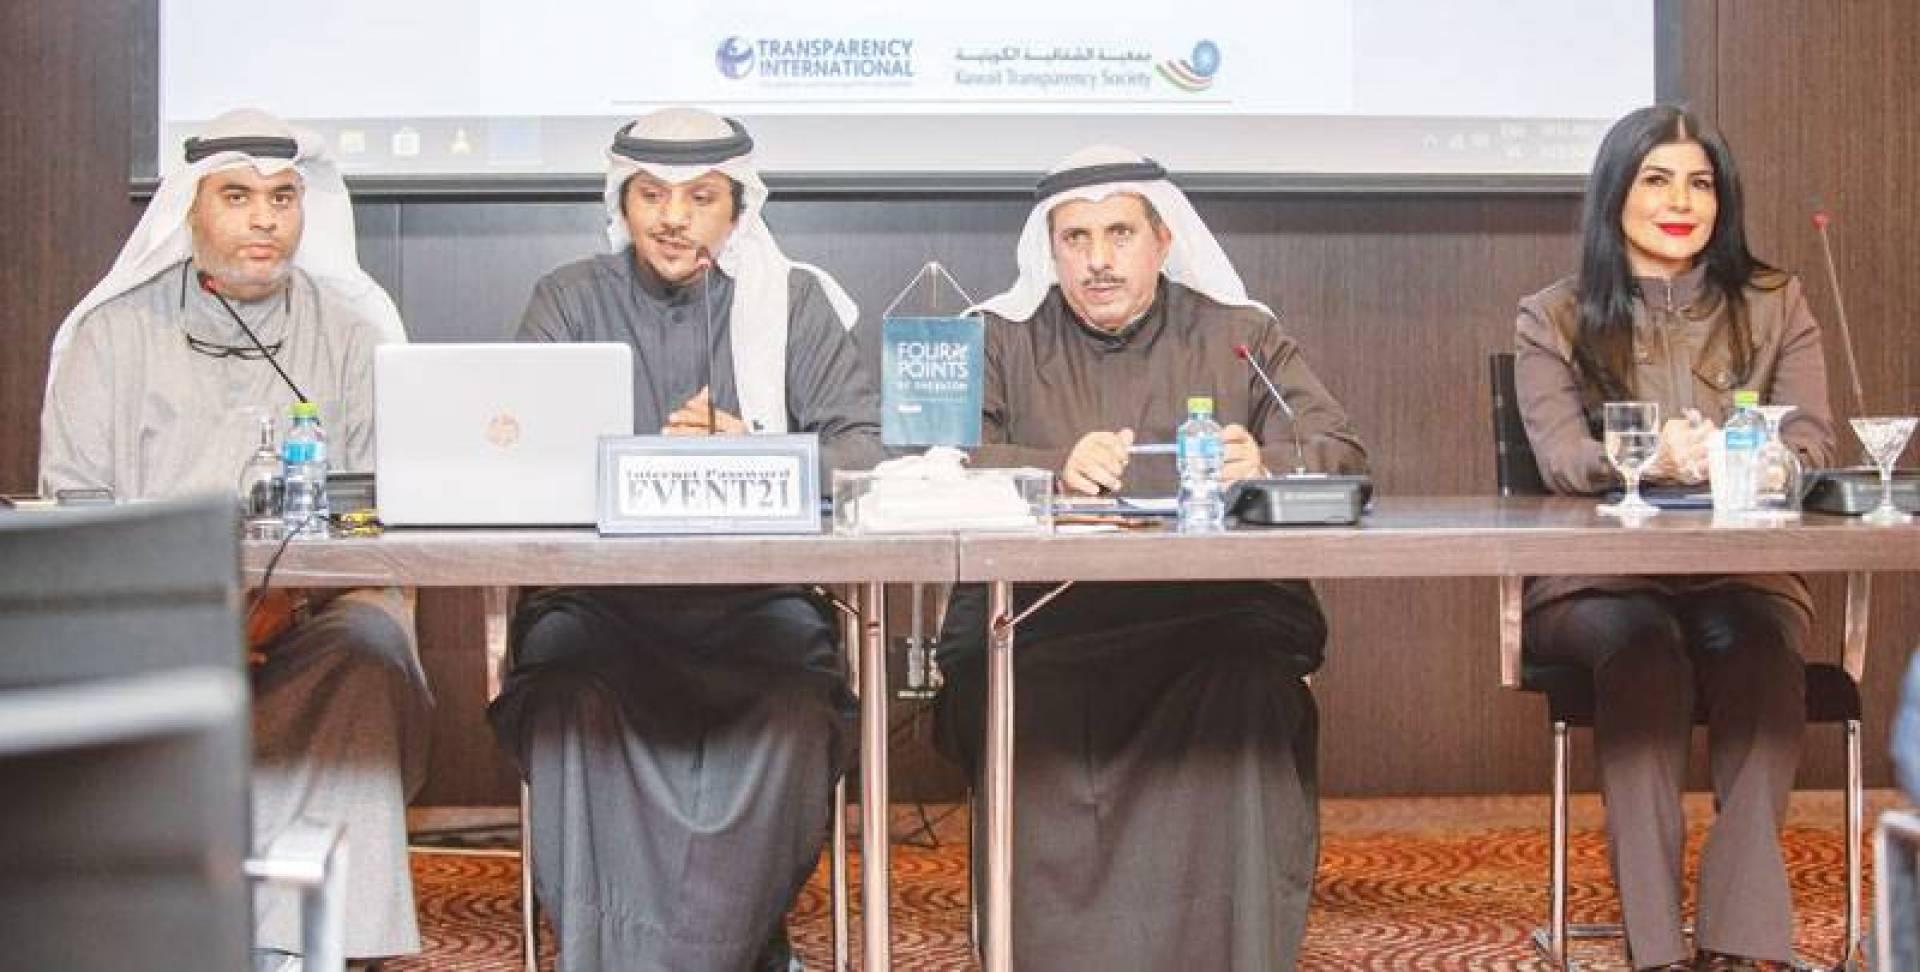 قياديو «الشفافية» خلال المؤتمر الصحافي | تصوير محمود الفوريكي